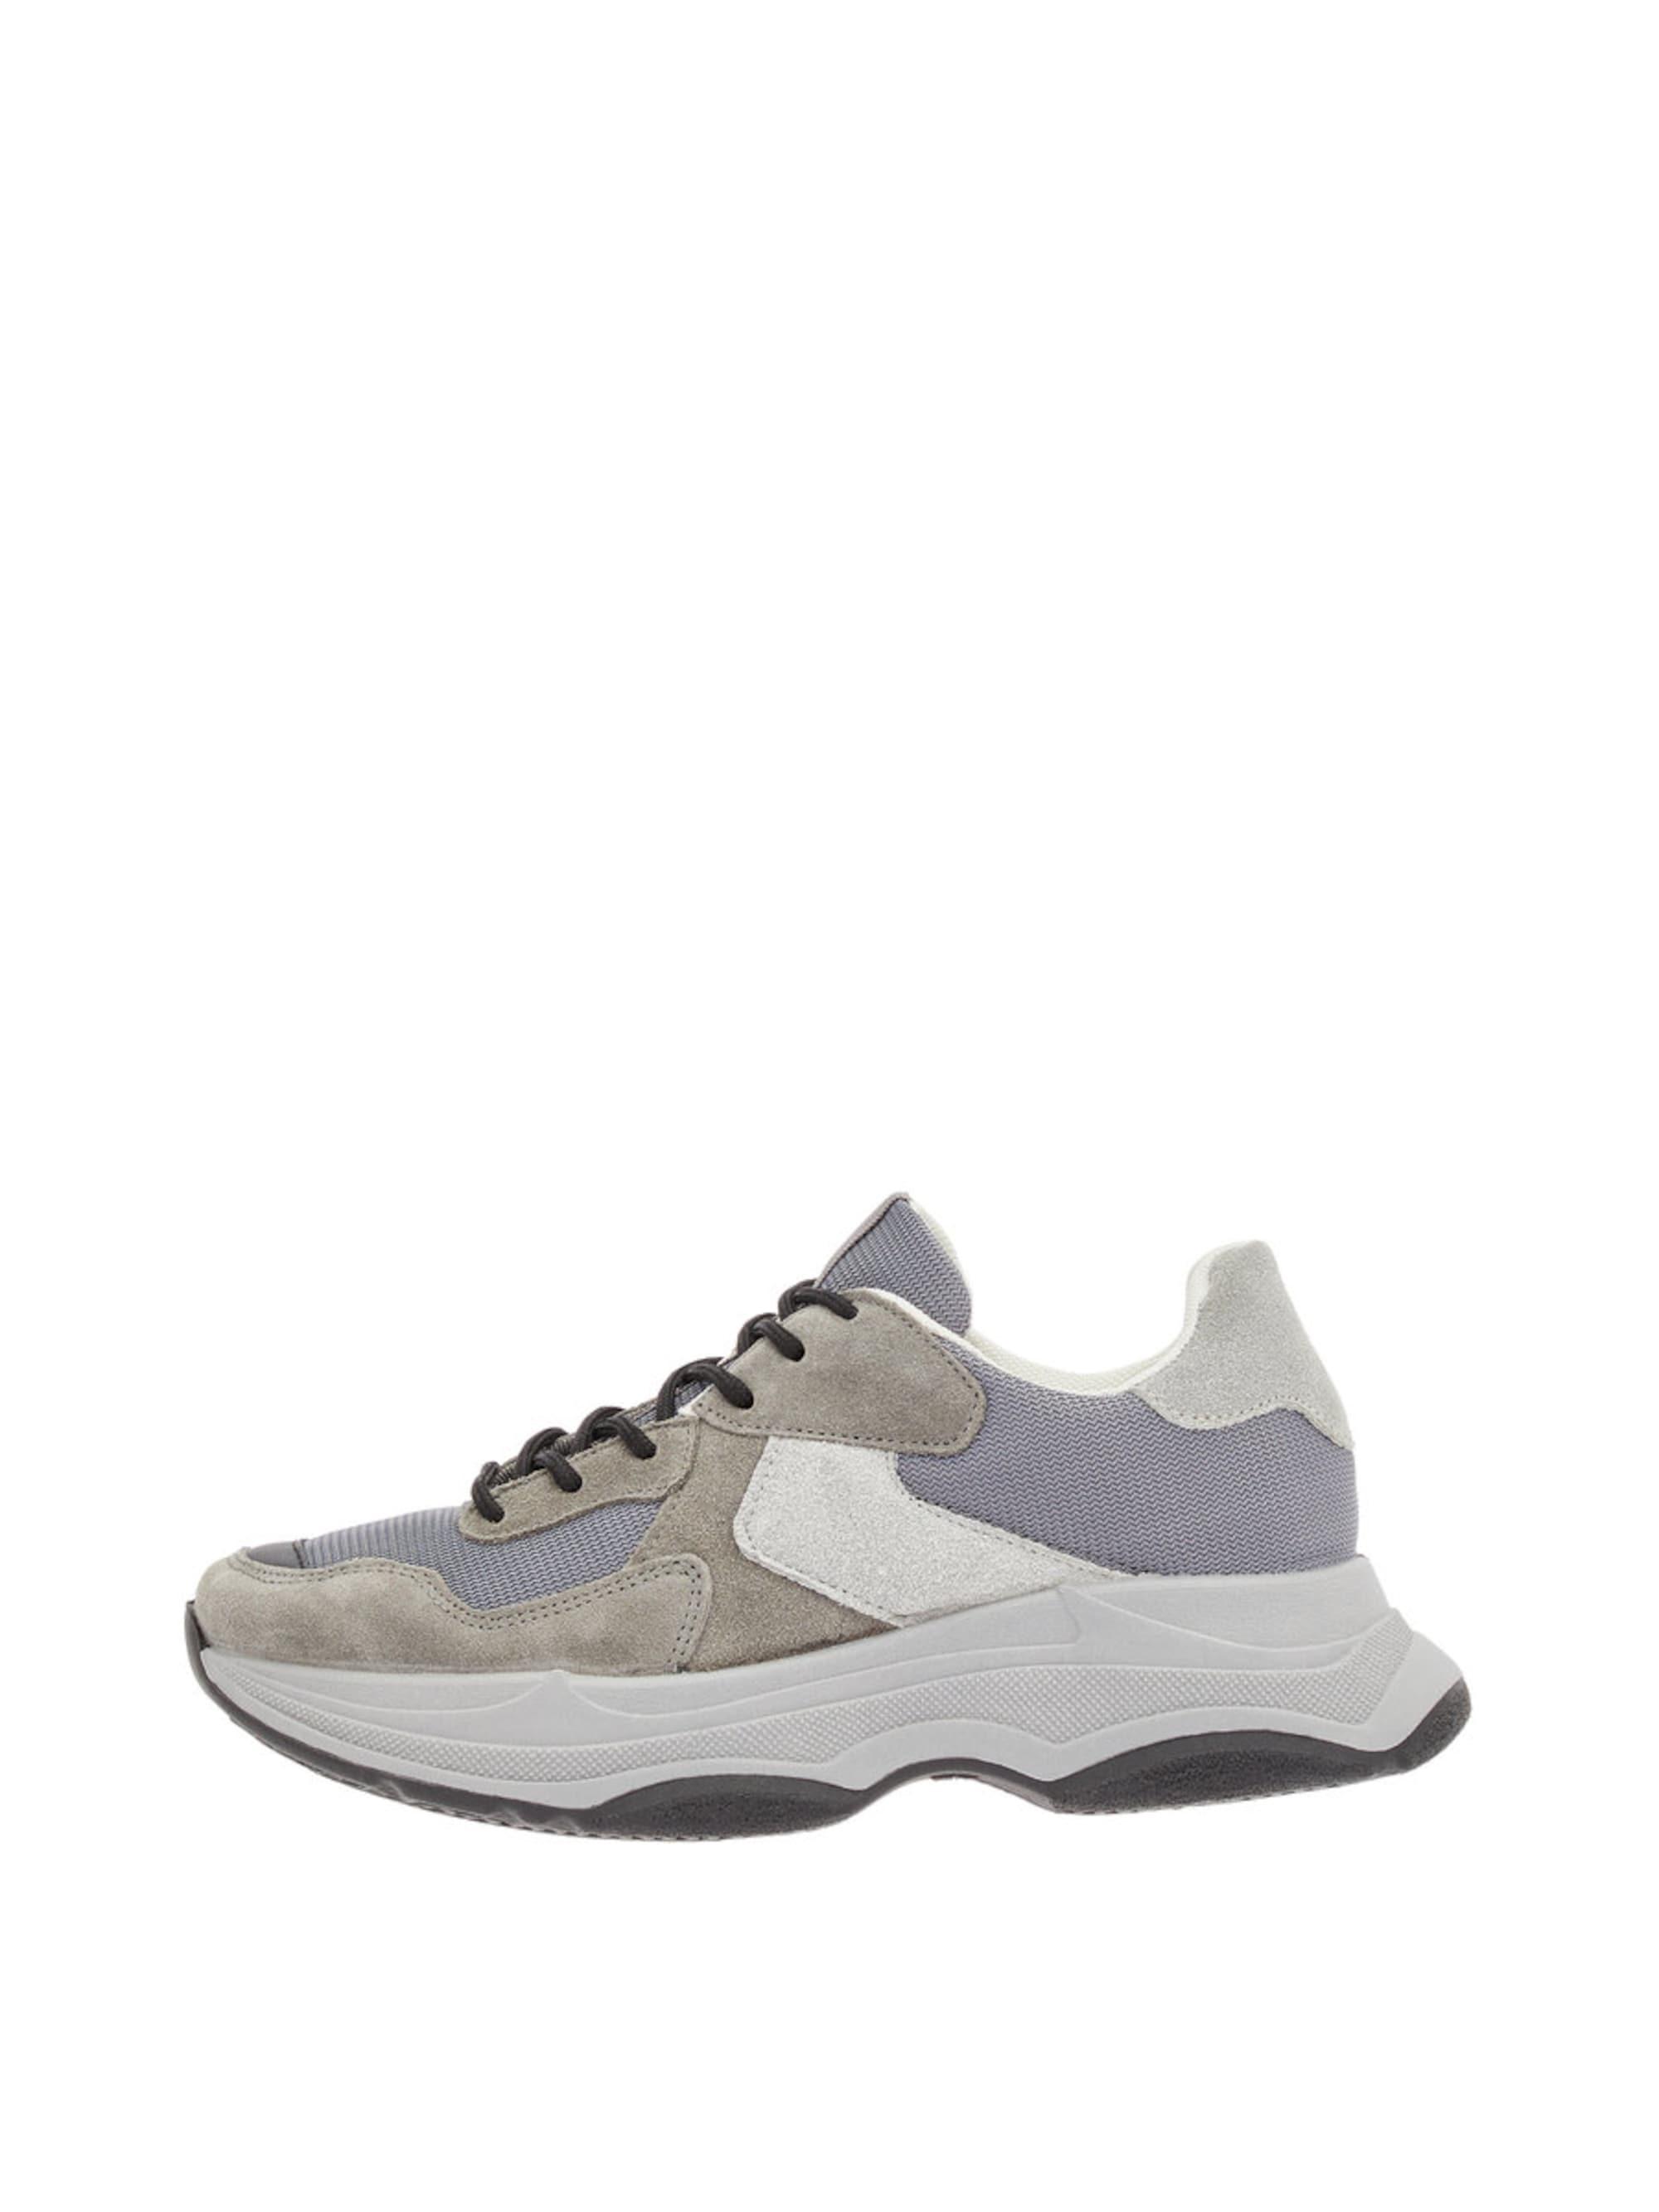 bianco - Sneaker